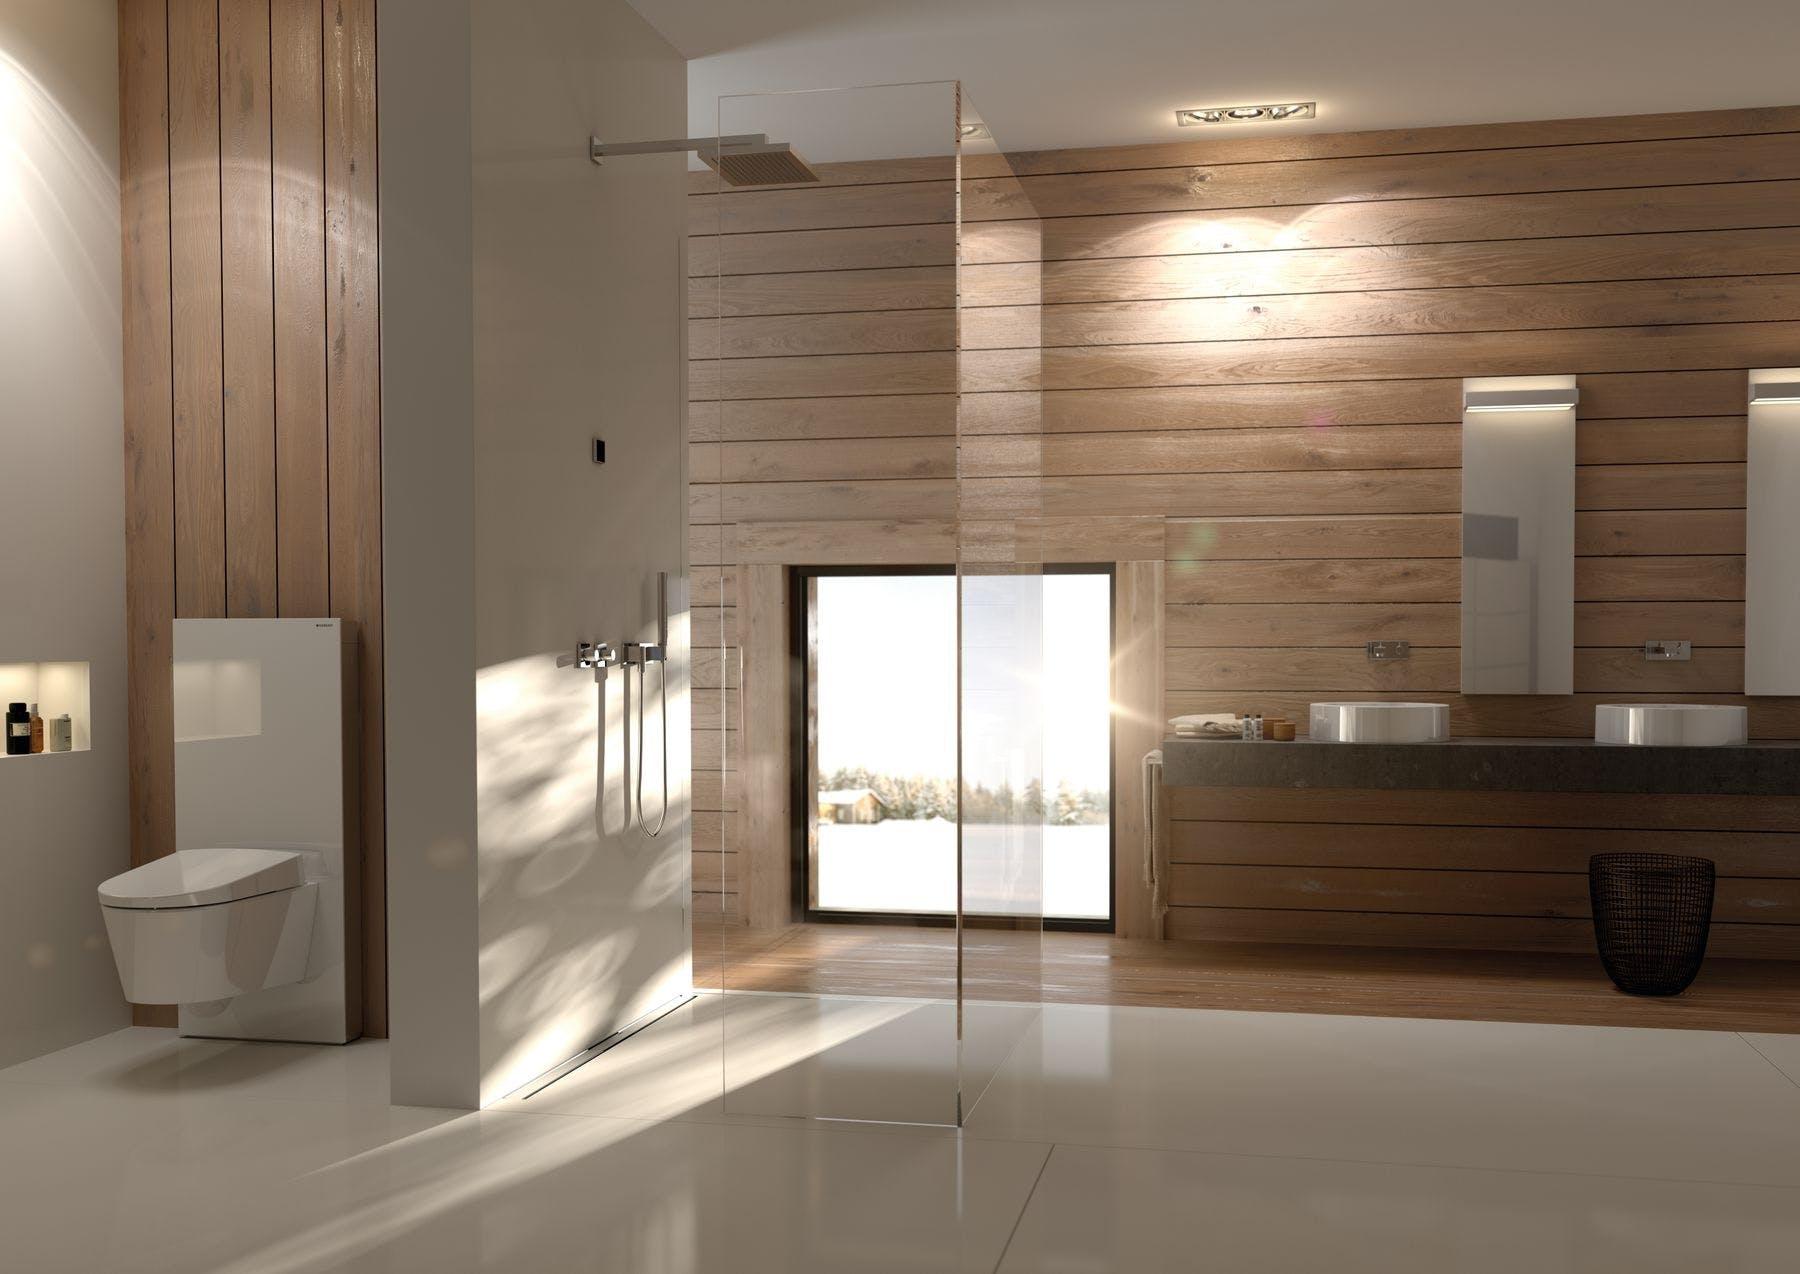 Bliv inspireret af saunaen